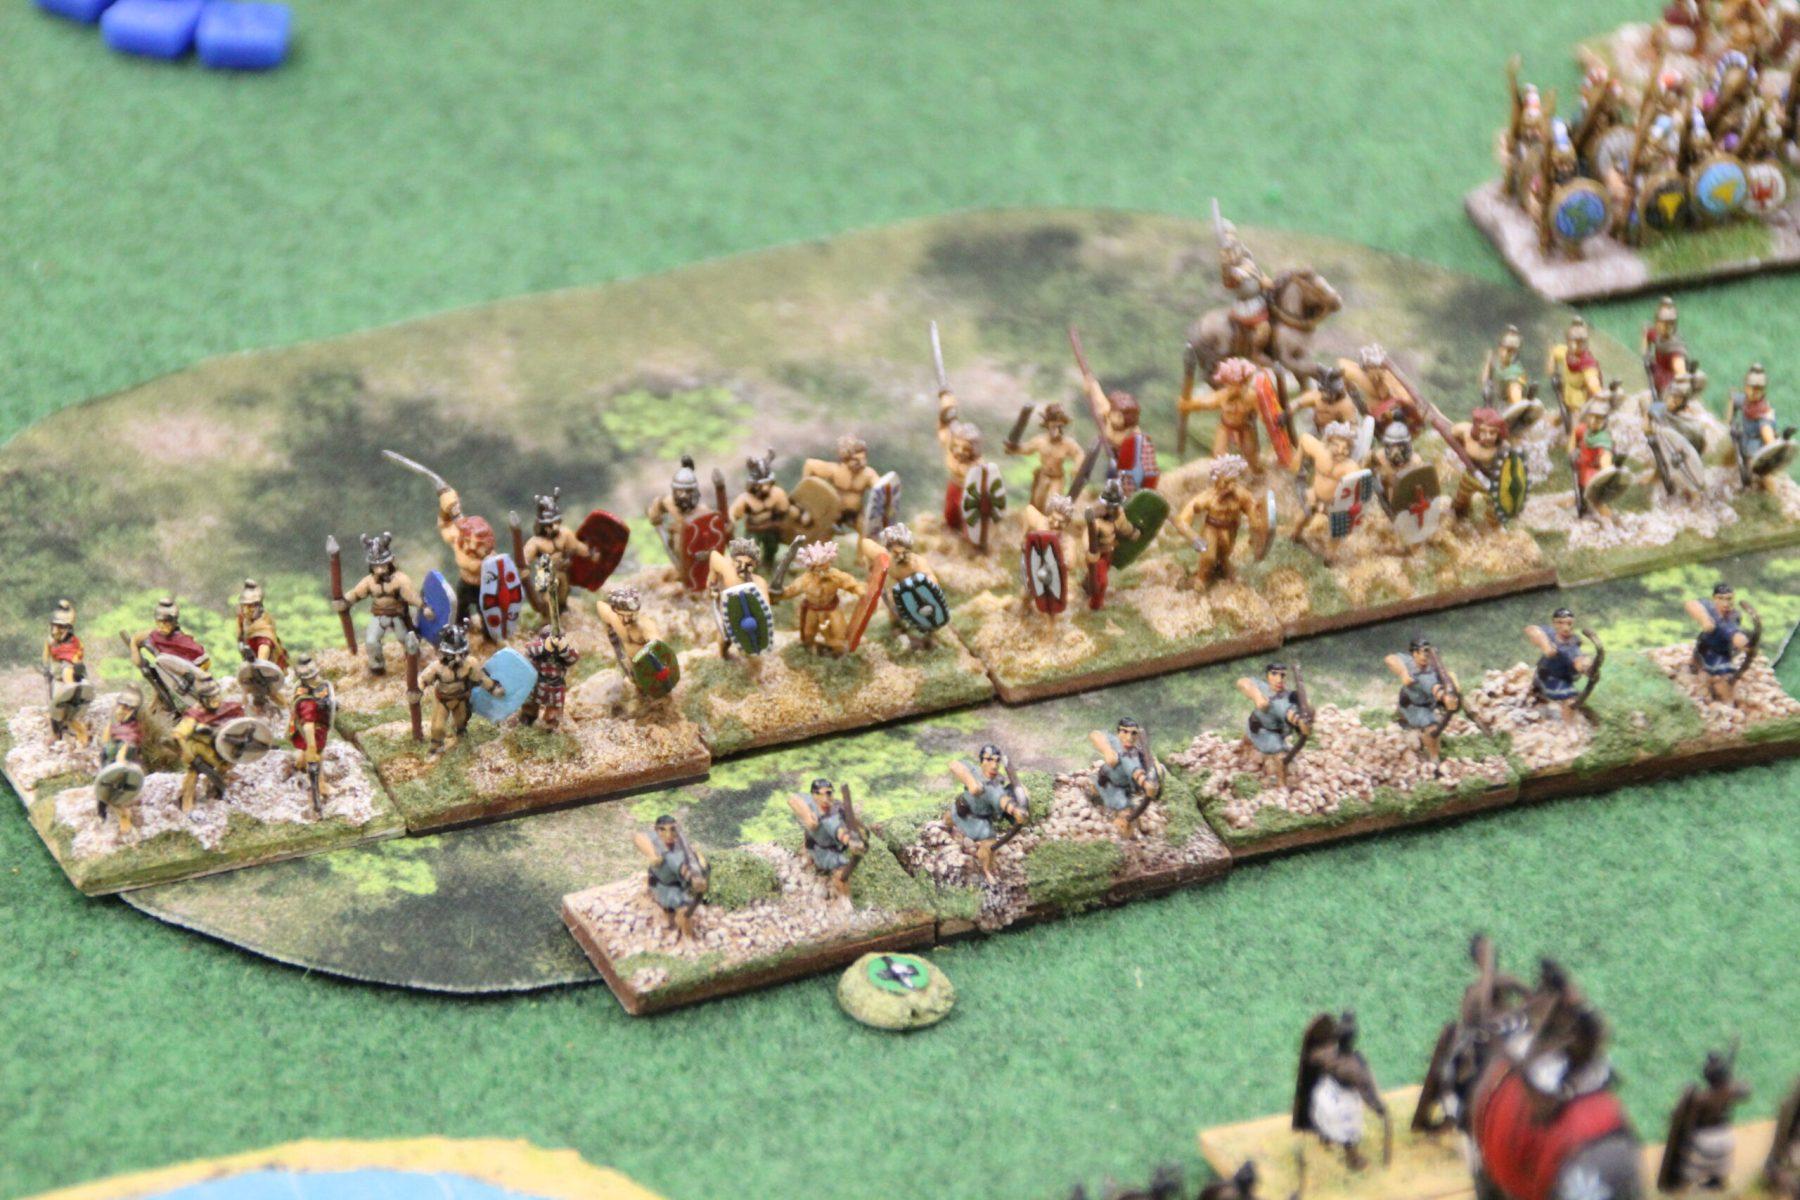 Des alliés Gaulois apportent un soutien aux Spartiates dans les terrains accidentés.